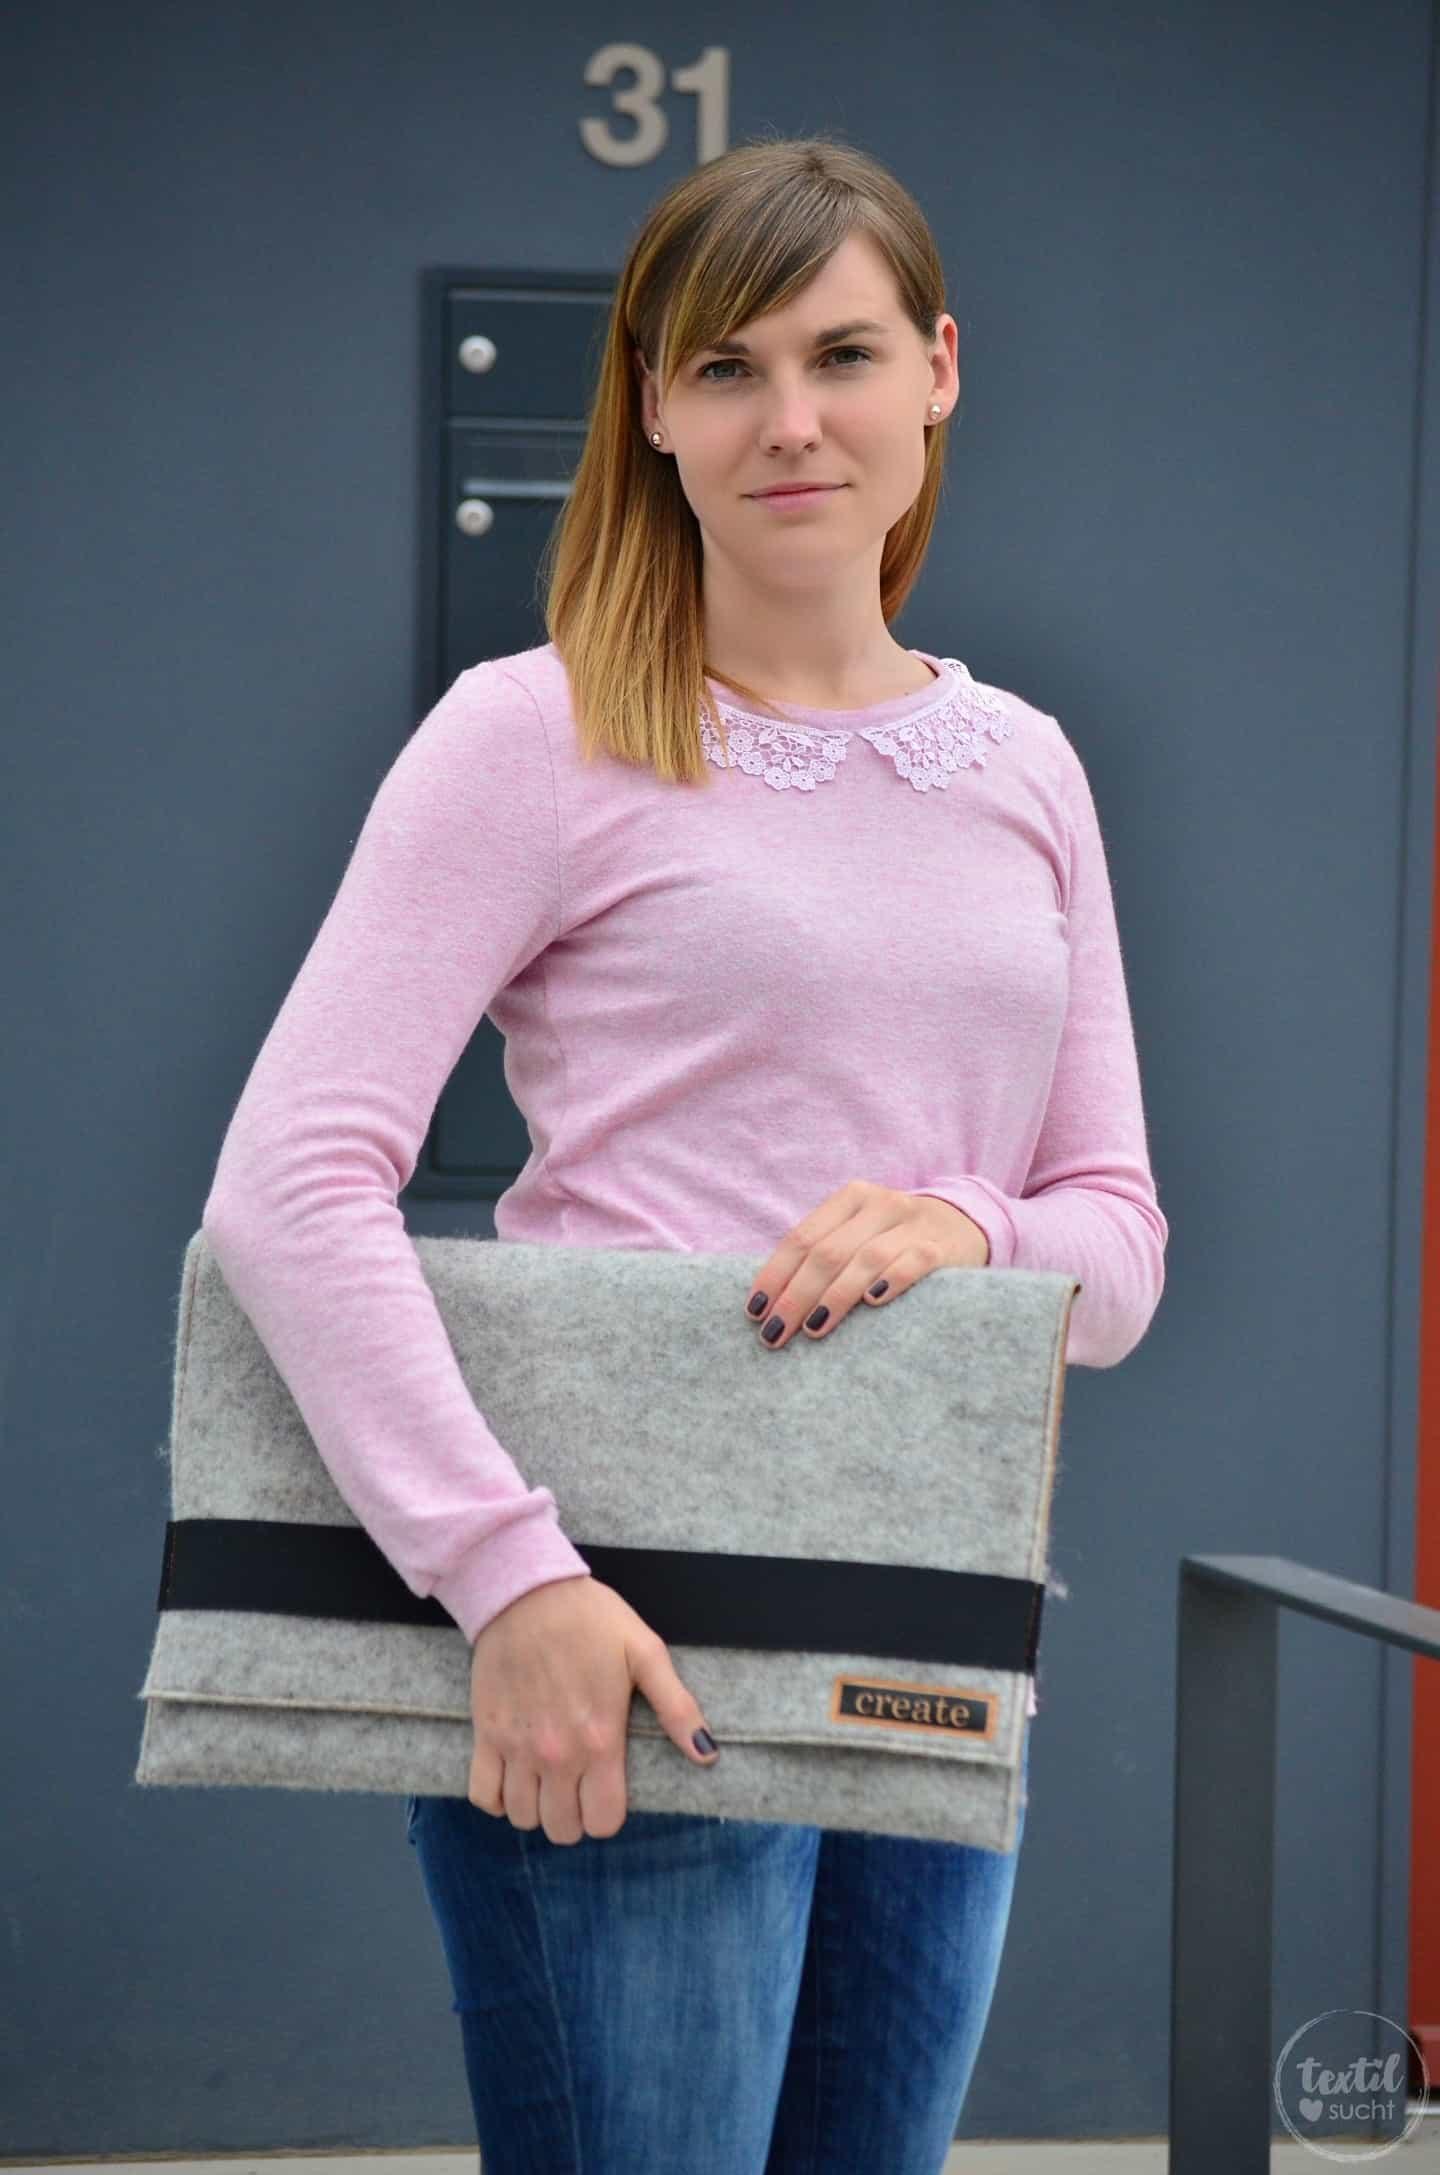 Nähanleitung: Notebookhülle aus Filz und Snap Pap nähen - Bild 1 | textilsucht.de